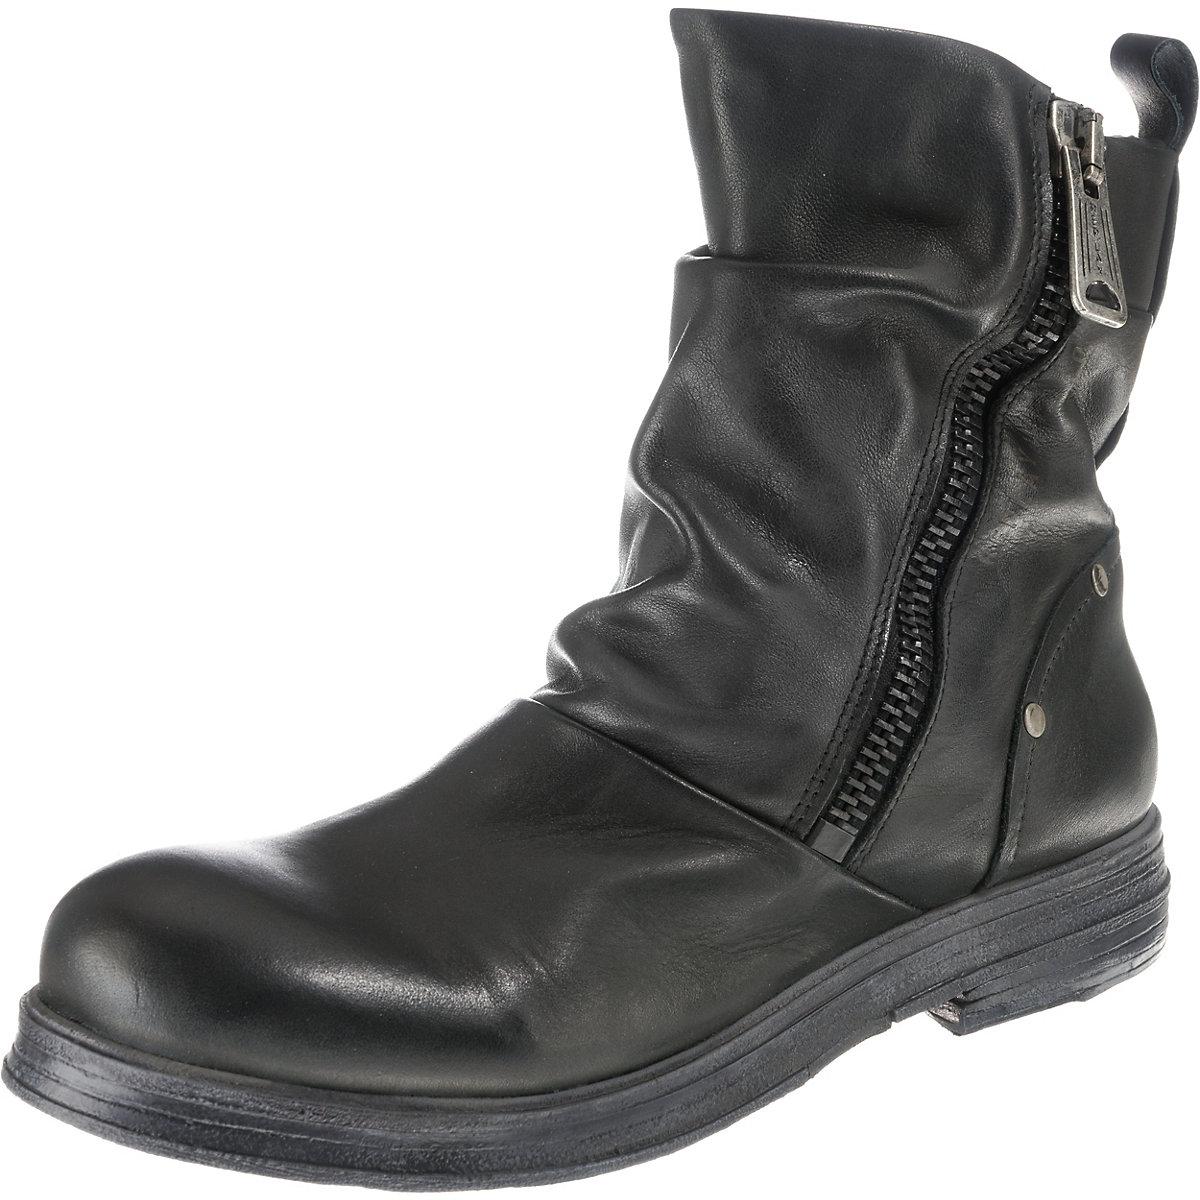 REPLAY, RANICOT Klassische Stiefeletten, schwarz  Gute Qualität beliebte Schuhe